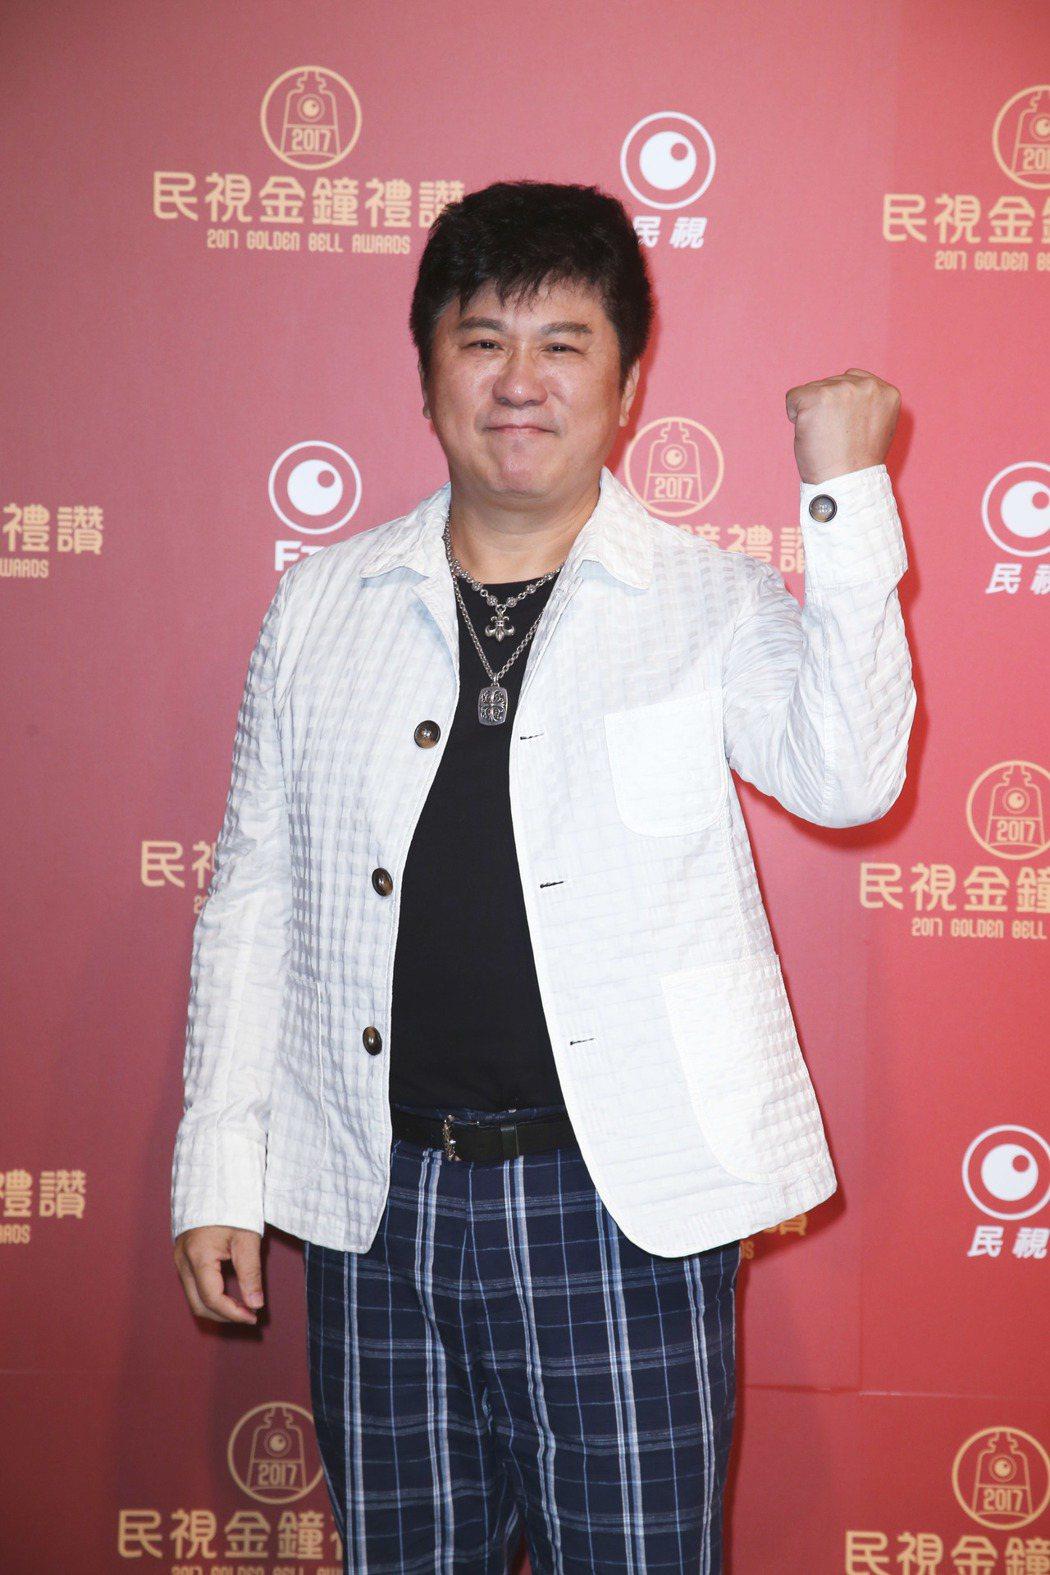 胡瓜出席民視金鐘禮讚。記者陳瑞源/攝影